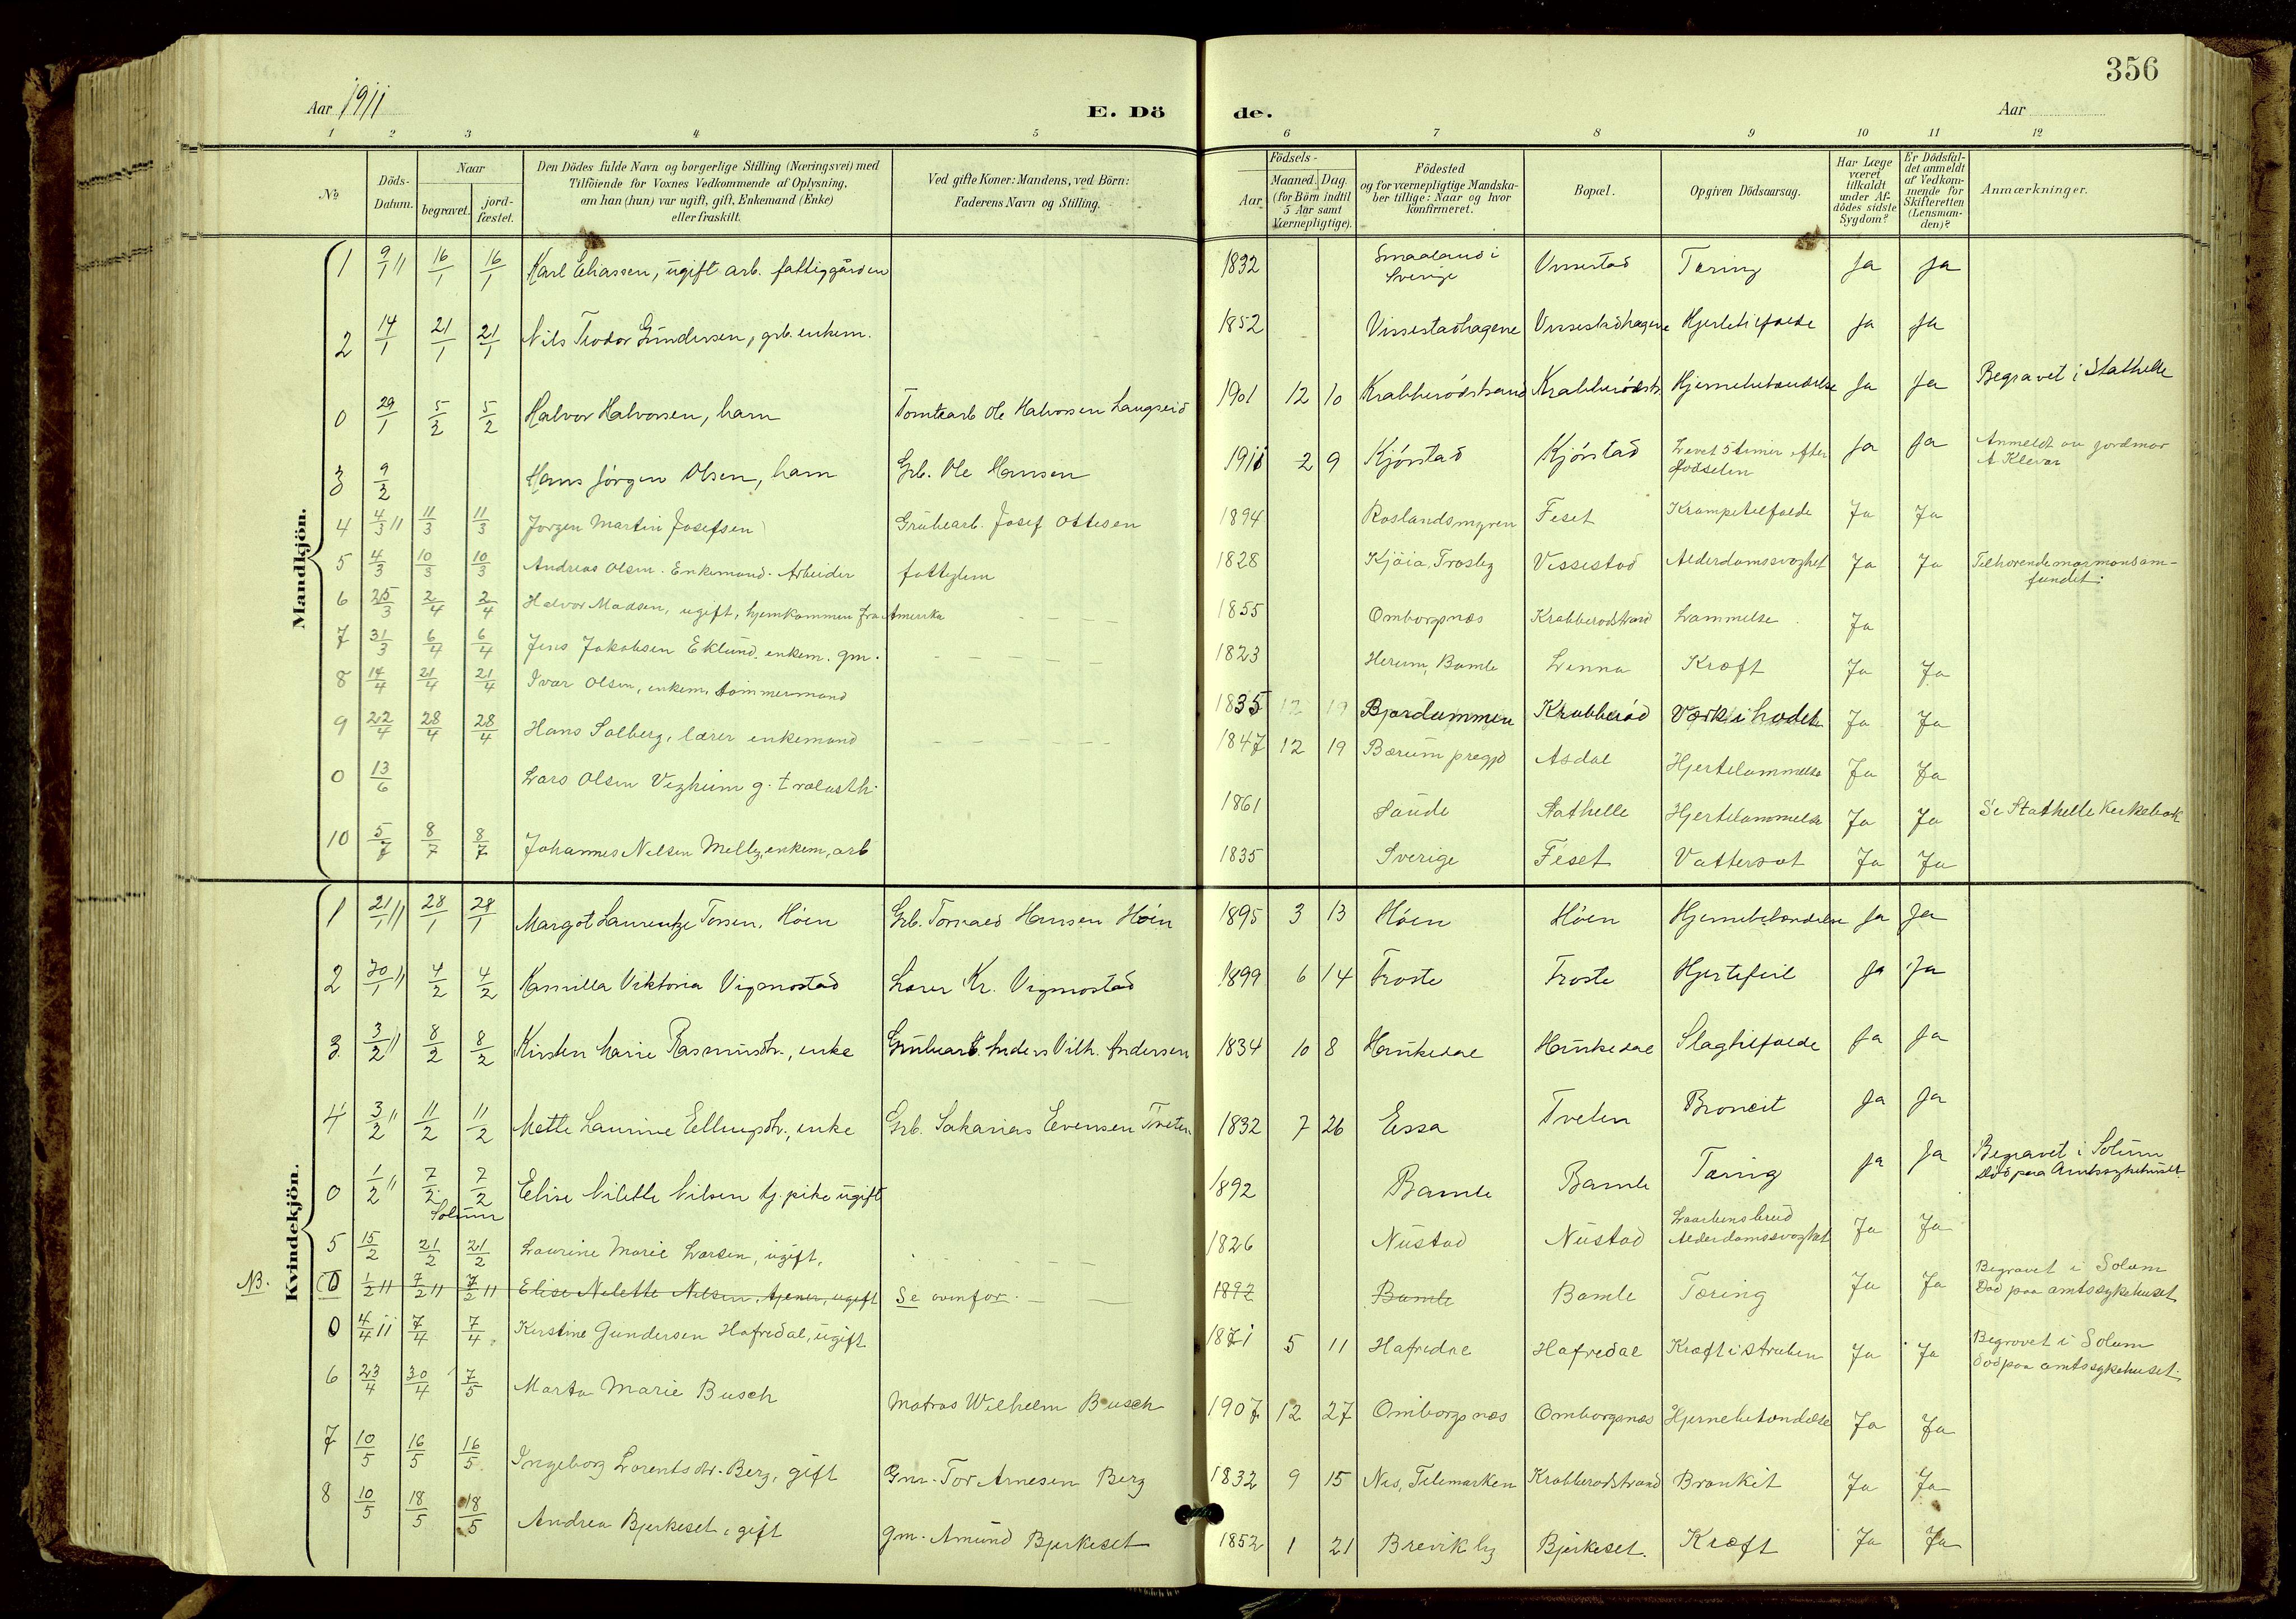 SAKO, Bamble kirkebøker, G/Ga/L0010: Klokkerbok nr. I 10, 1901-1919, s. 356